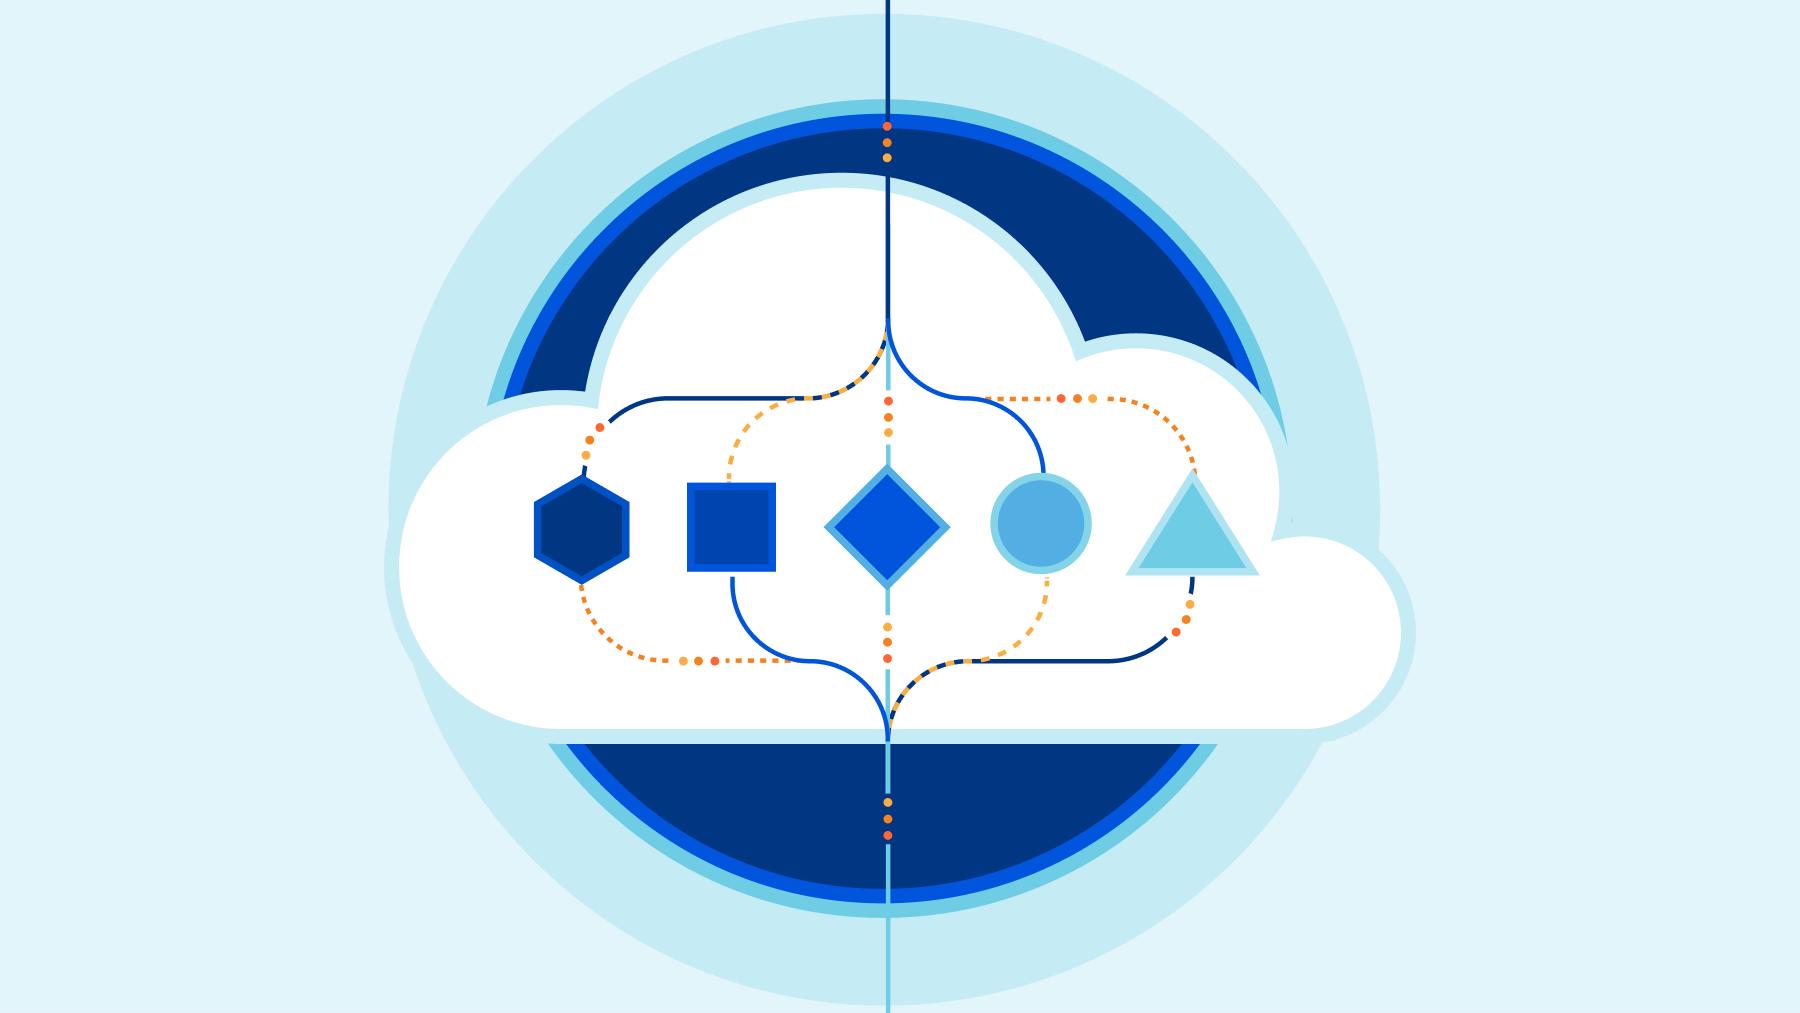 宣布 Cloudflare R2 存储:快速可靠的对象存储,减去出口费用